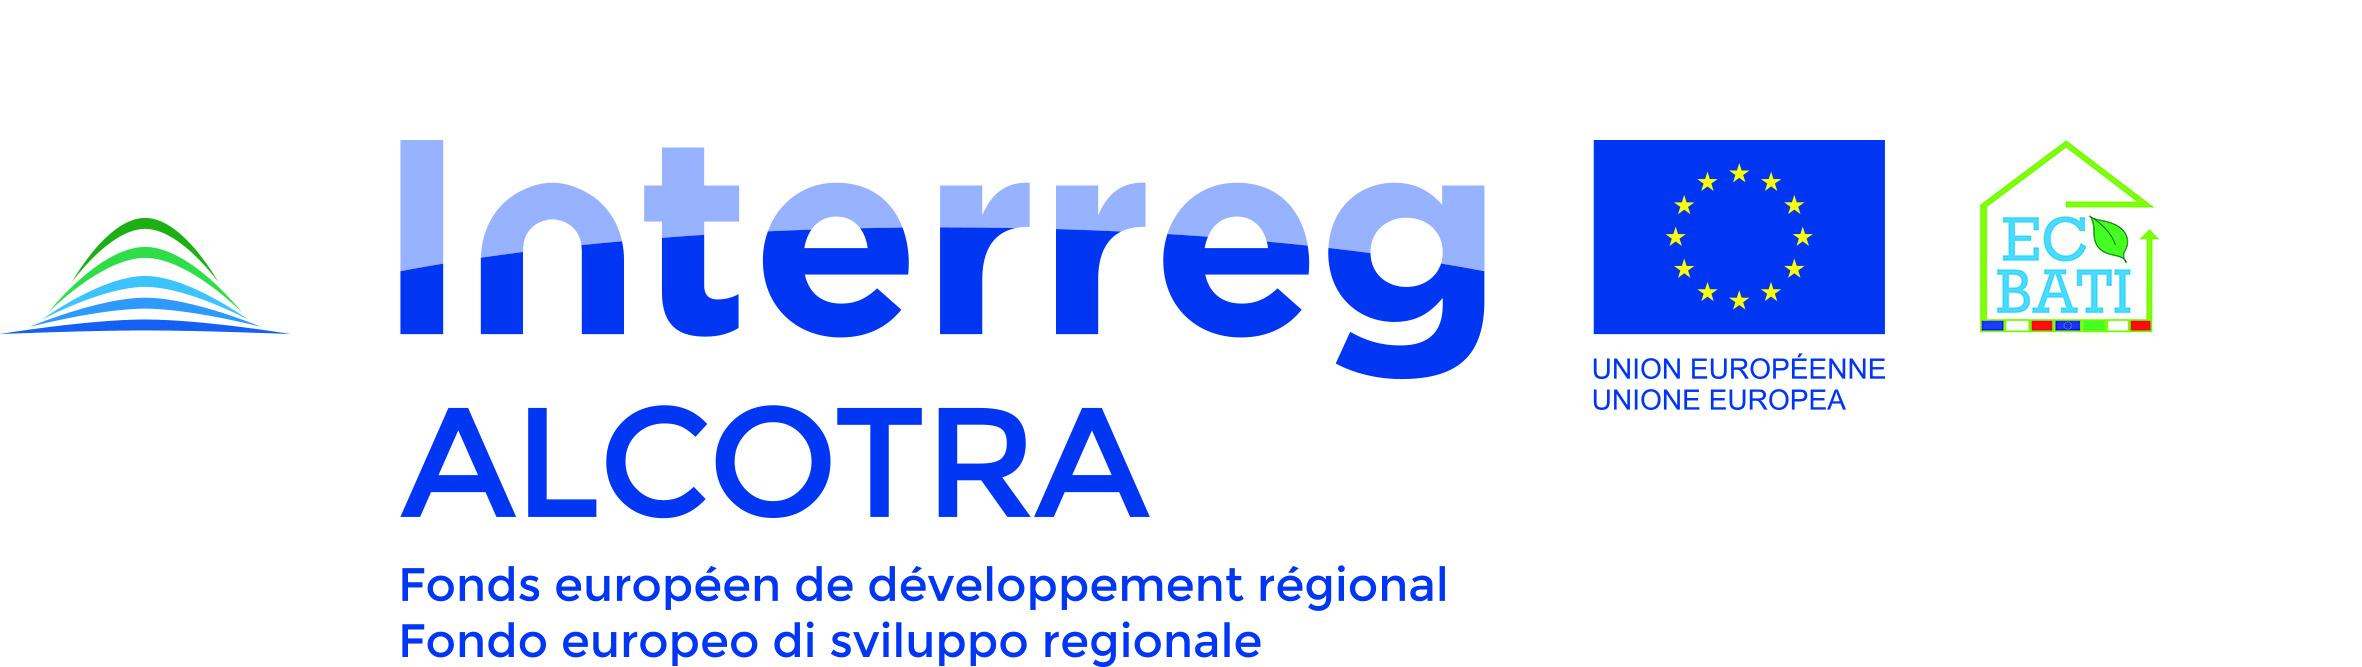 PC Interreg V-A Italia – Francia ALCOTRA 2014-2020 – Progetto ECO-BATI